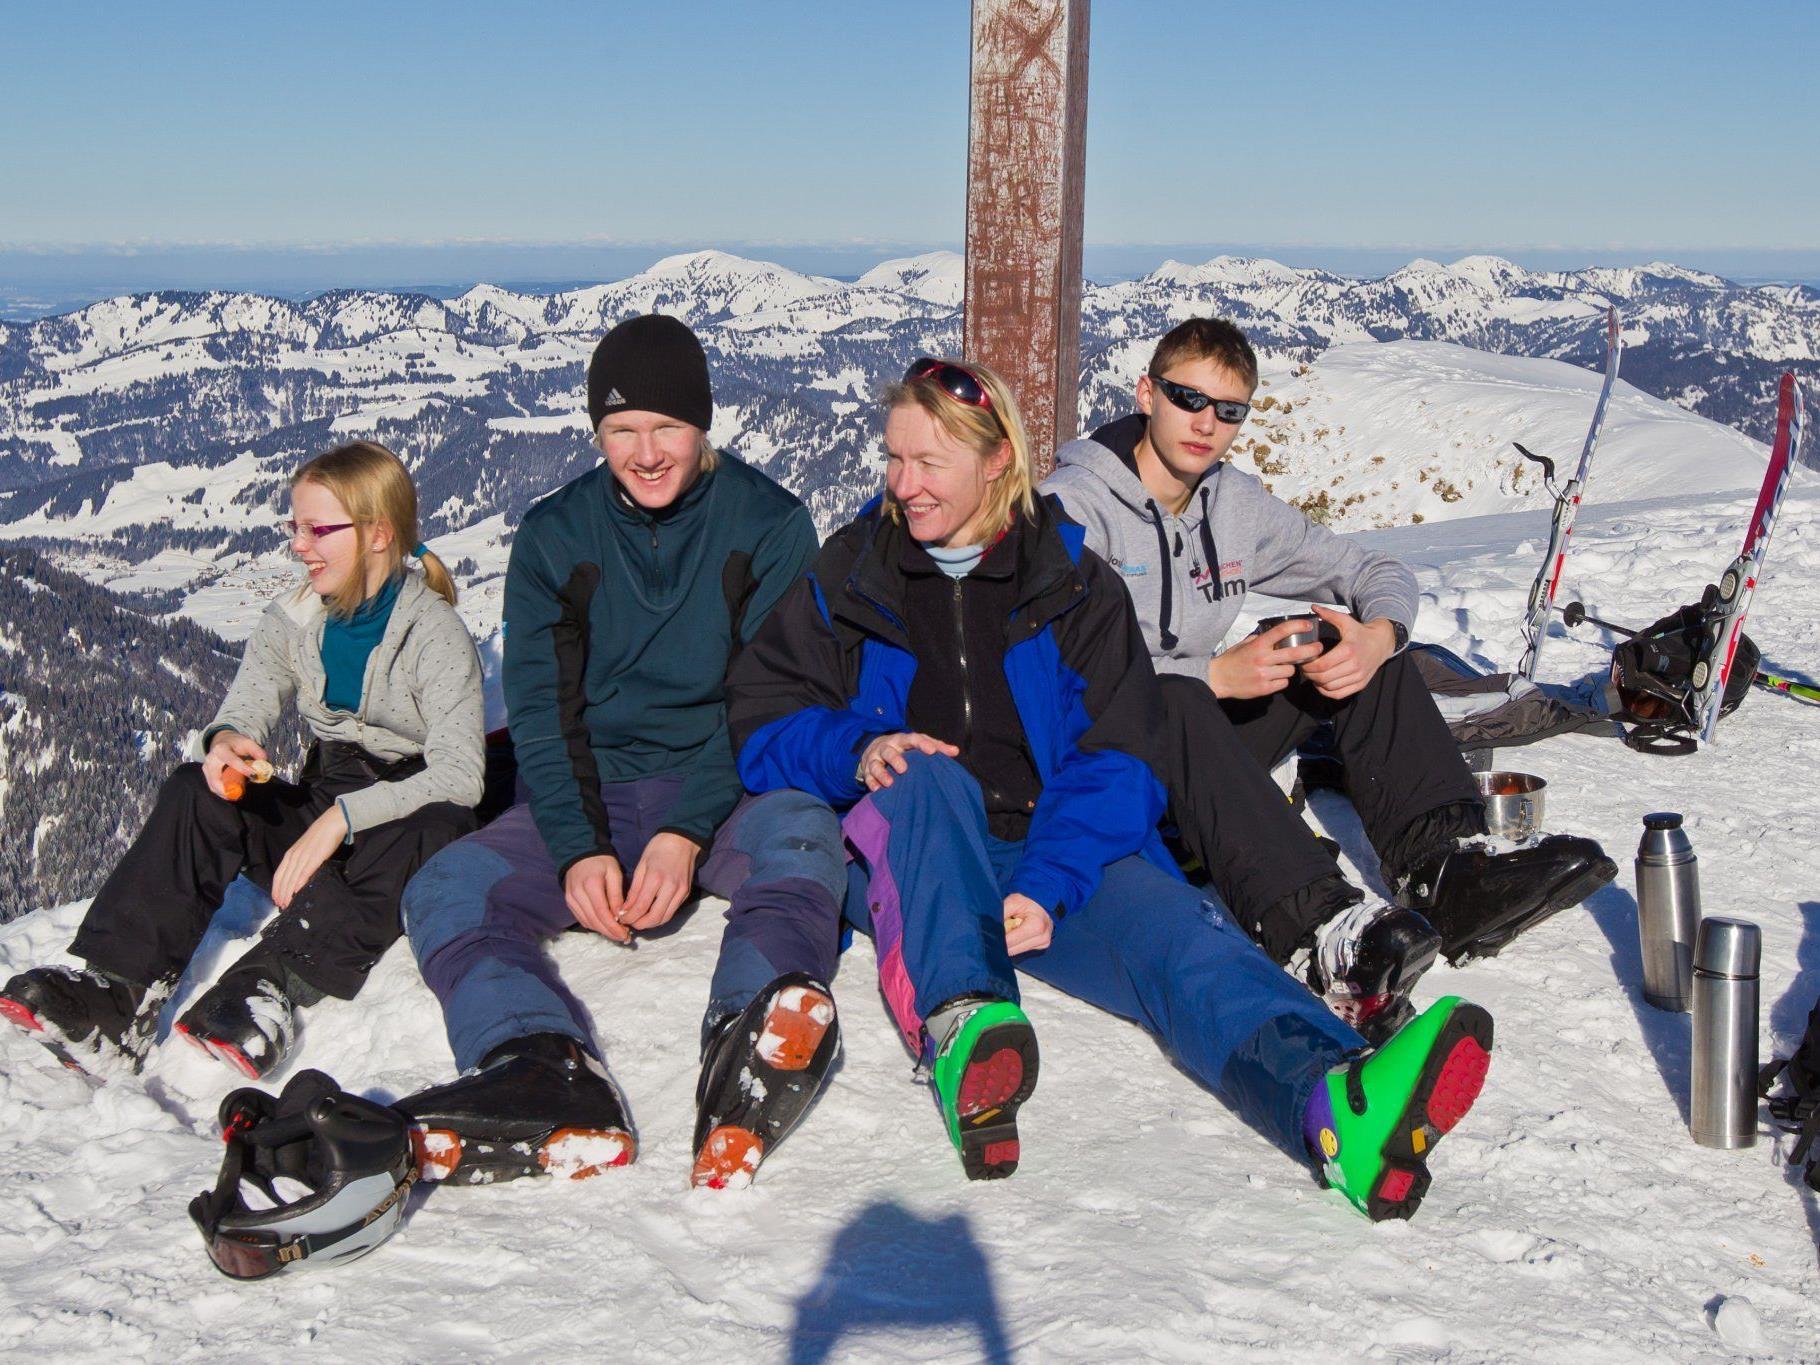 Familie Schmidt aus Ravensburg am Gipfelkreuz des Diedamskopfes.